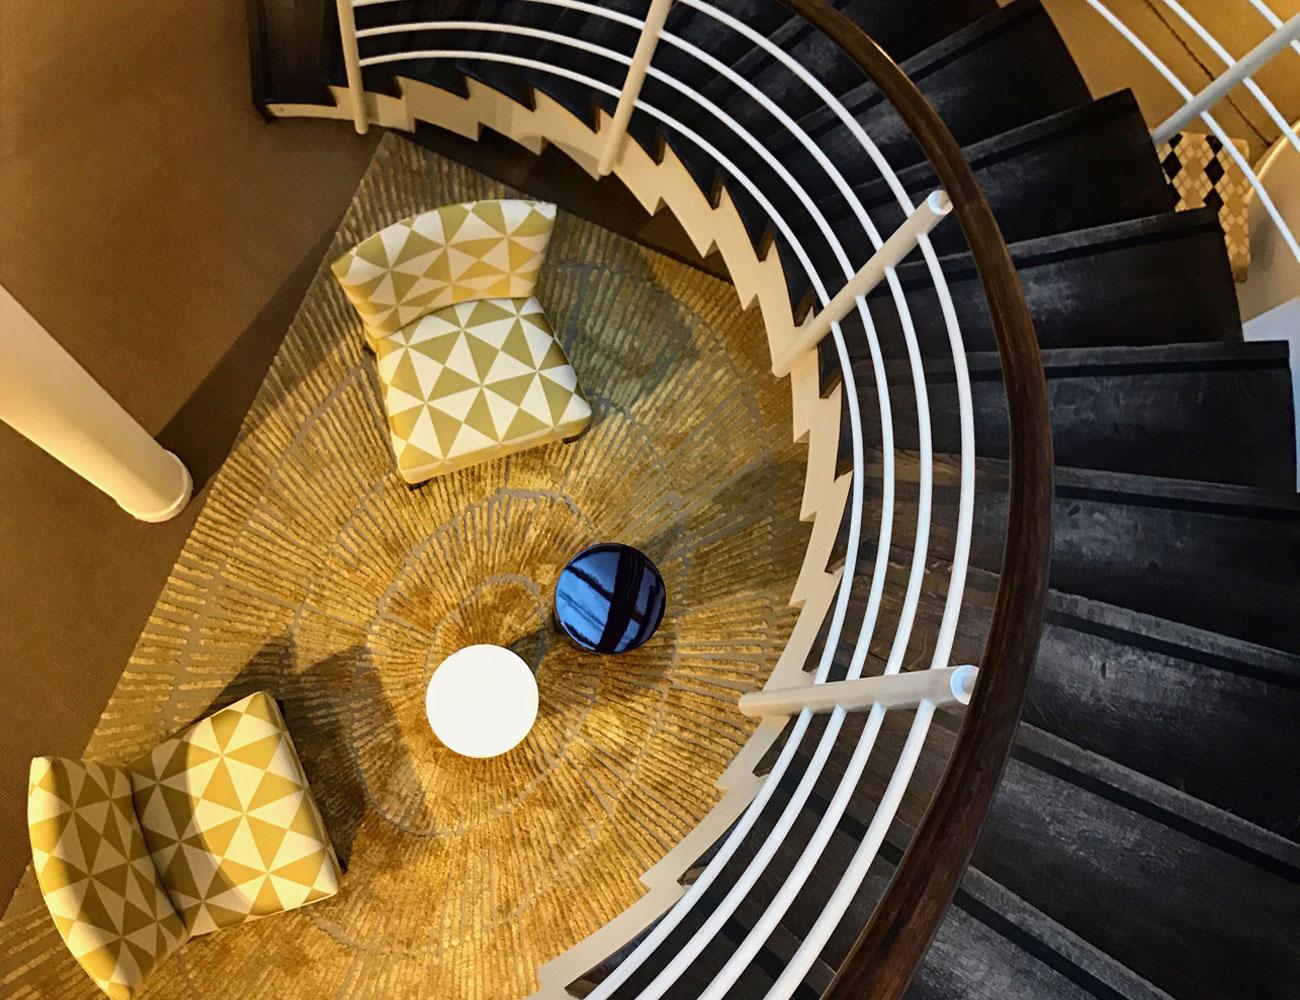 Дизайн лестниц в эксклюзивных интерьерах КП «Миллениум Парк», «Золотой мили» и «Москва Сити». Фото 01